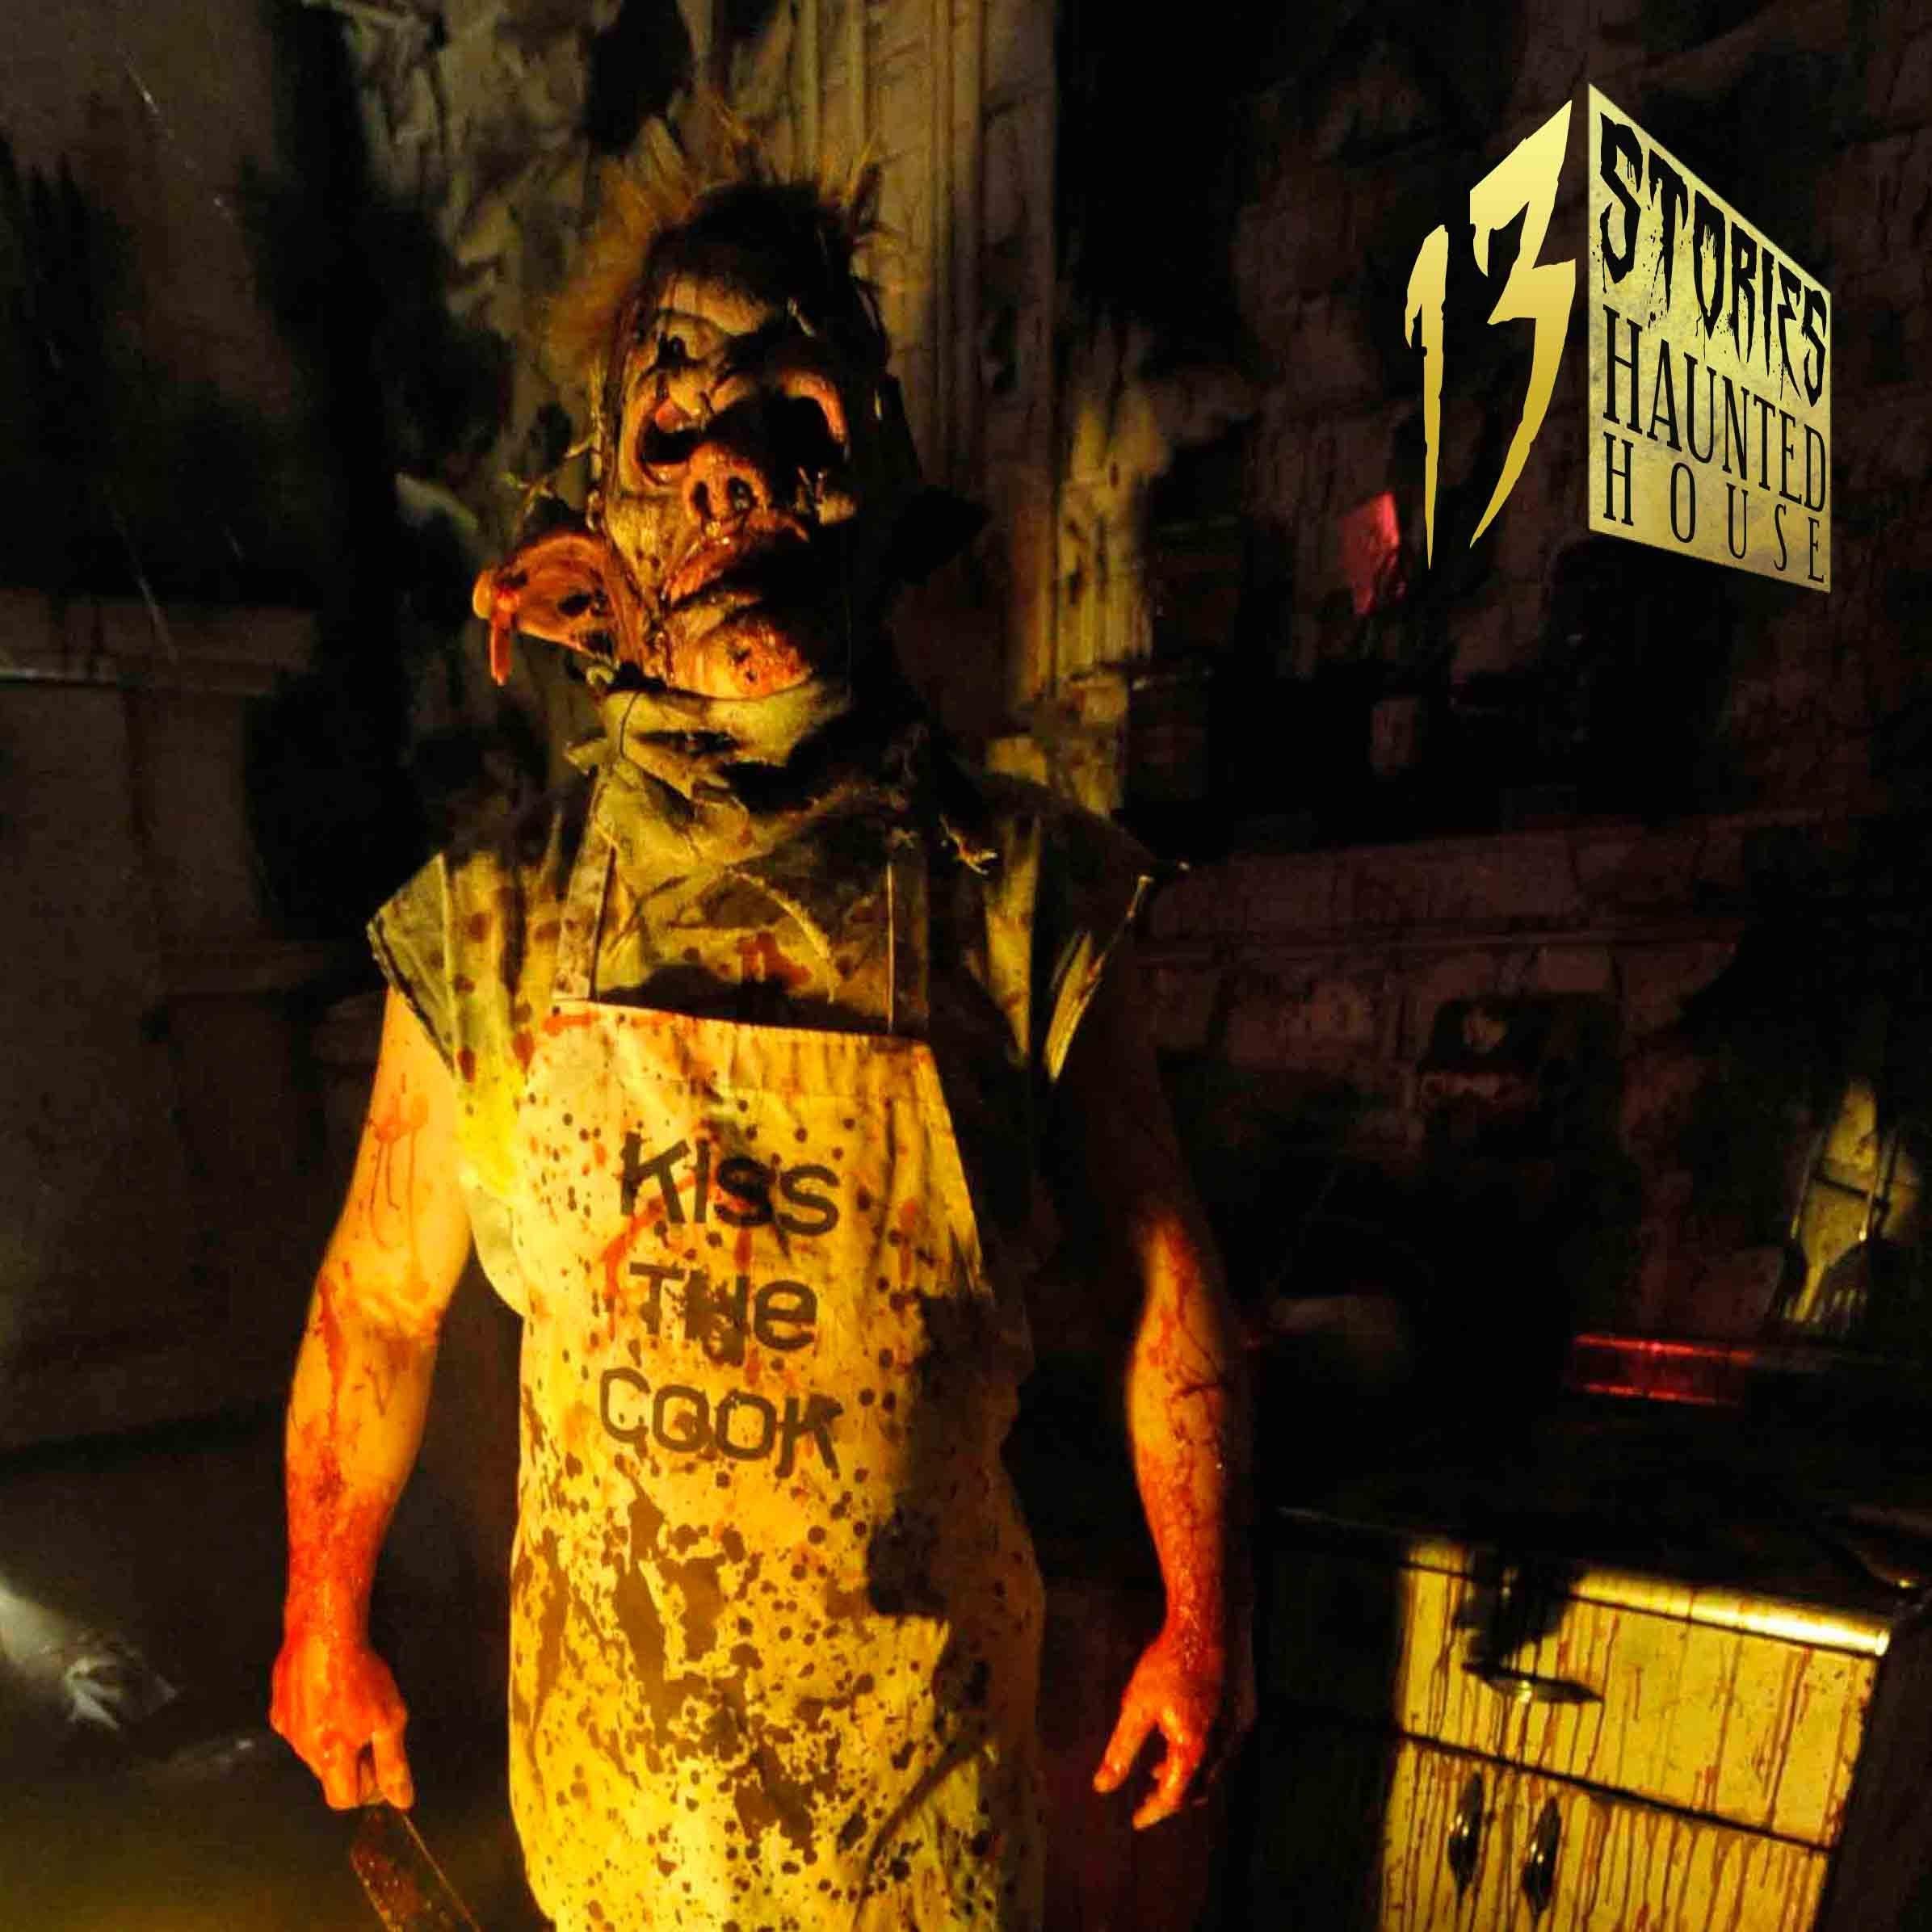 Epping Nh Killer: Top 5 Haunted Houses To Visit Near Atlanta